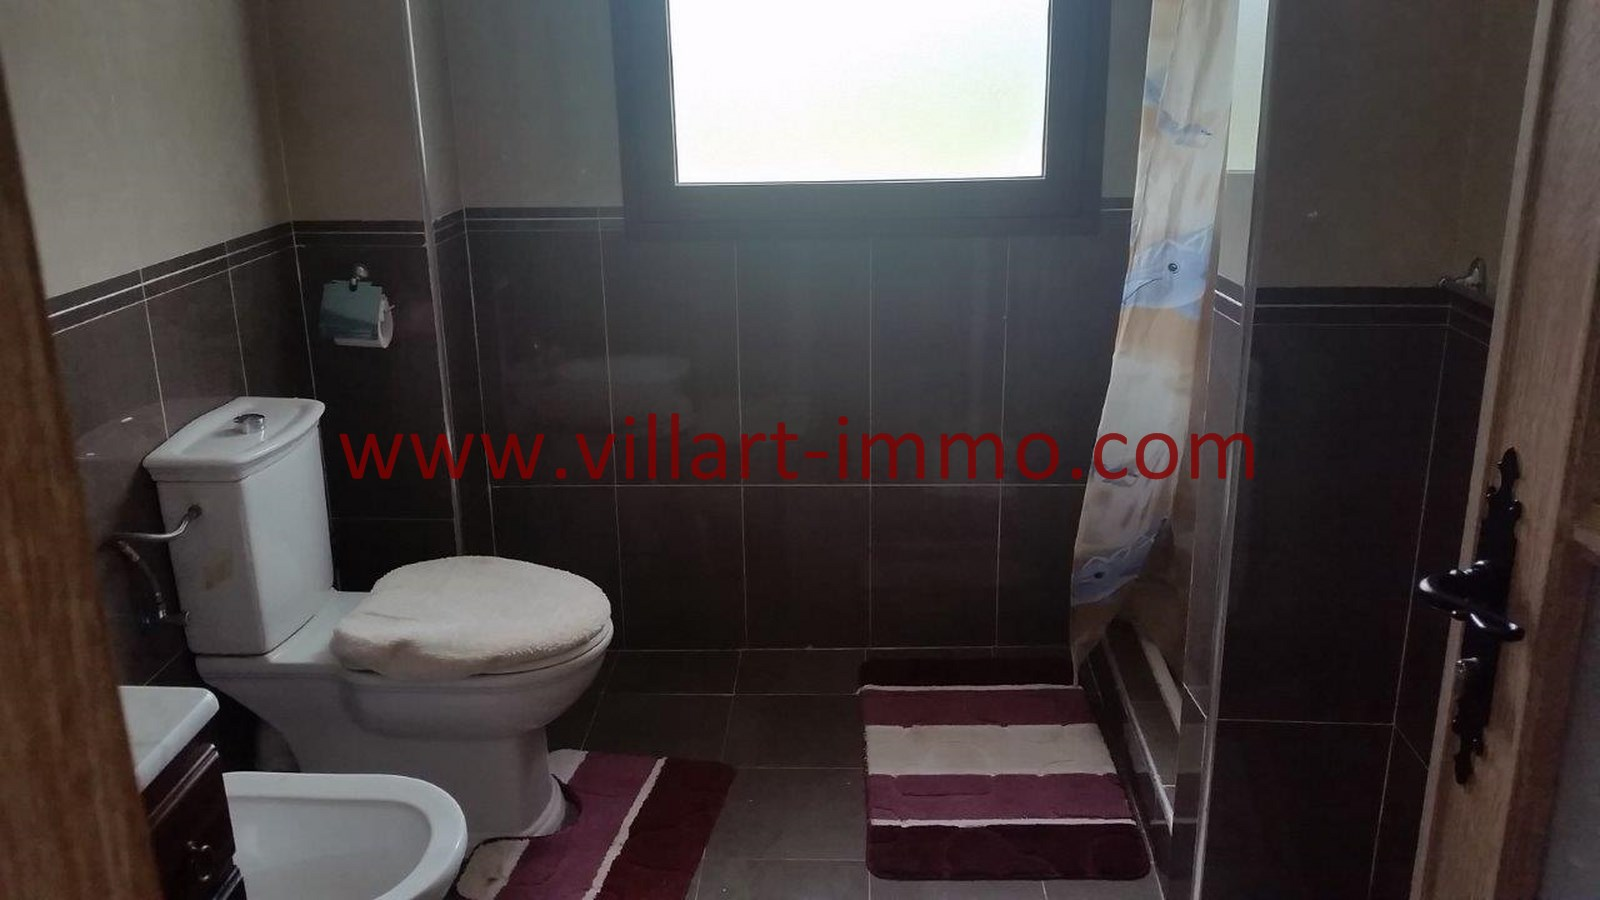 9-a-louer-villa-meublee-tanger-achakar-salle-de-bain-1-lsat914-villart-immo